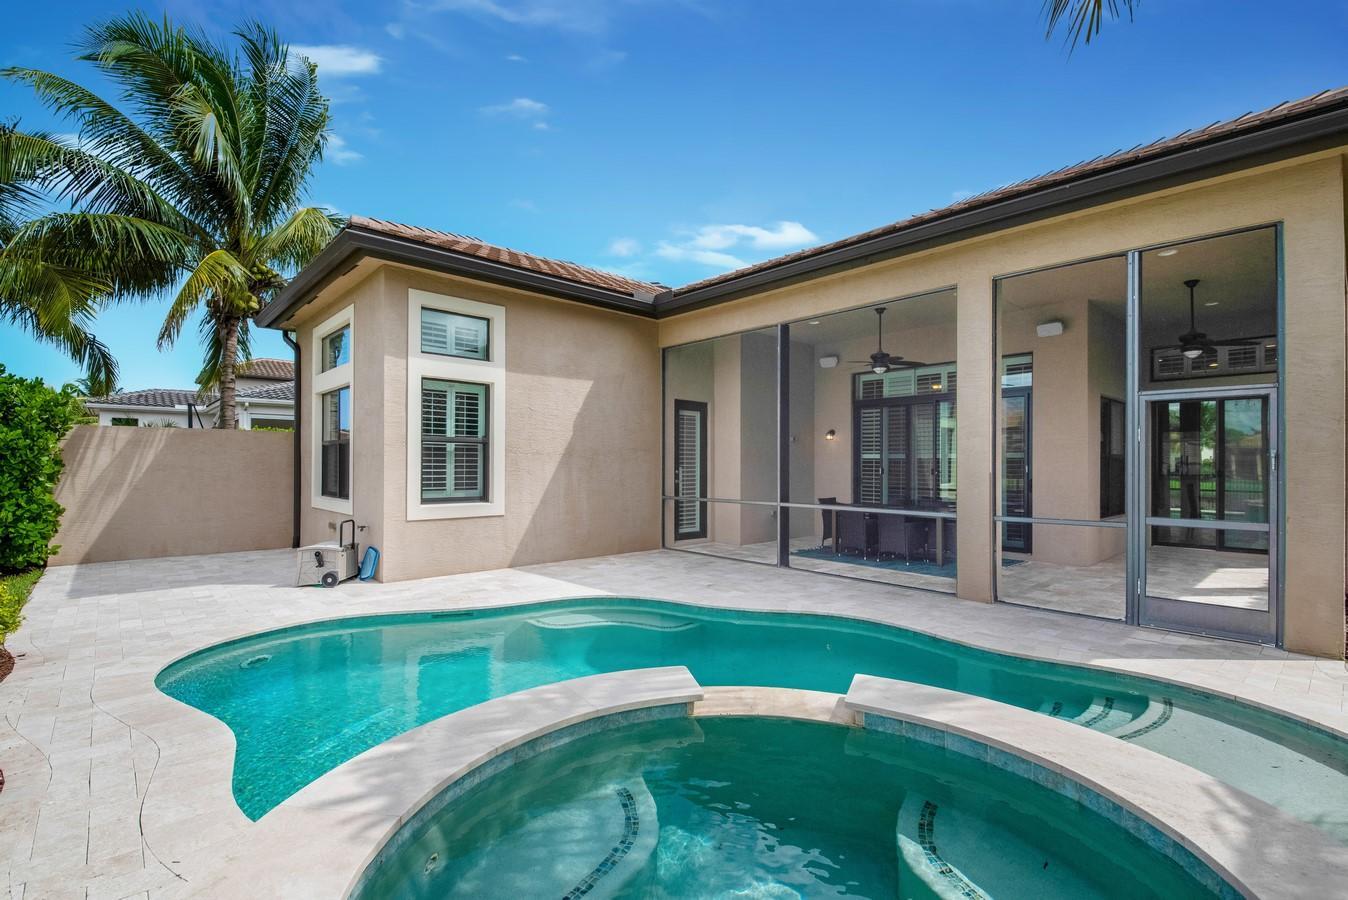 9338 Eden Roc Court  Delray Beach, FL 33446